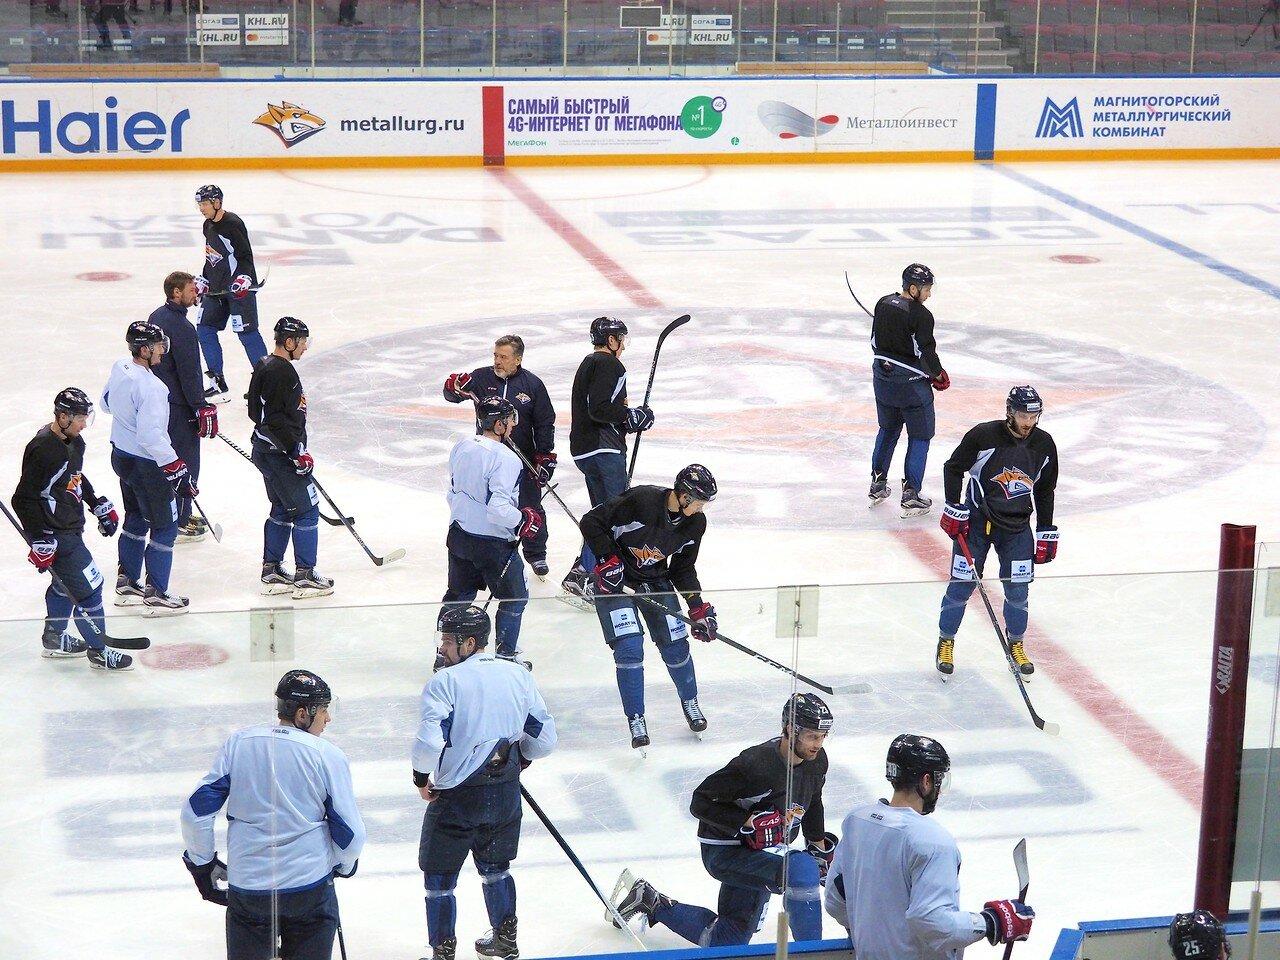 3 Открытая тренировка перед финалом плей-офф восточной конференции КХЛ 2017 22.03.2017